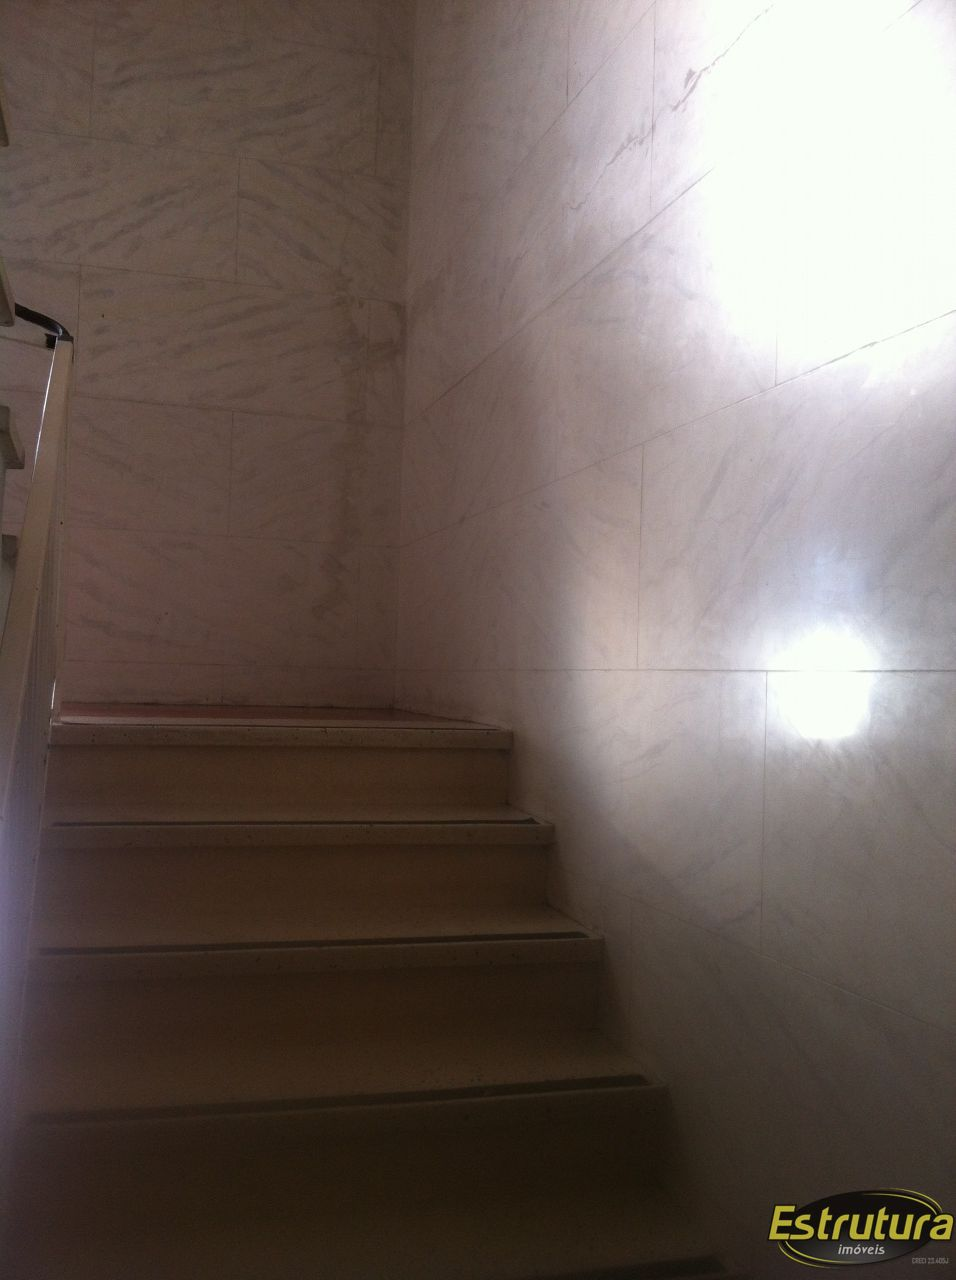 Apartamento com 3 Dormitórios à venda, 127 m² por R$ 380.000,00